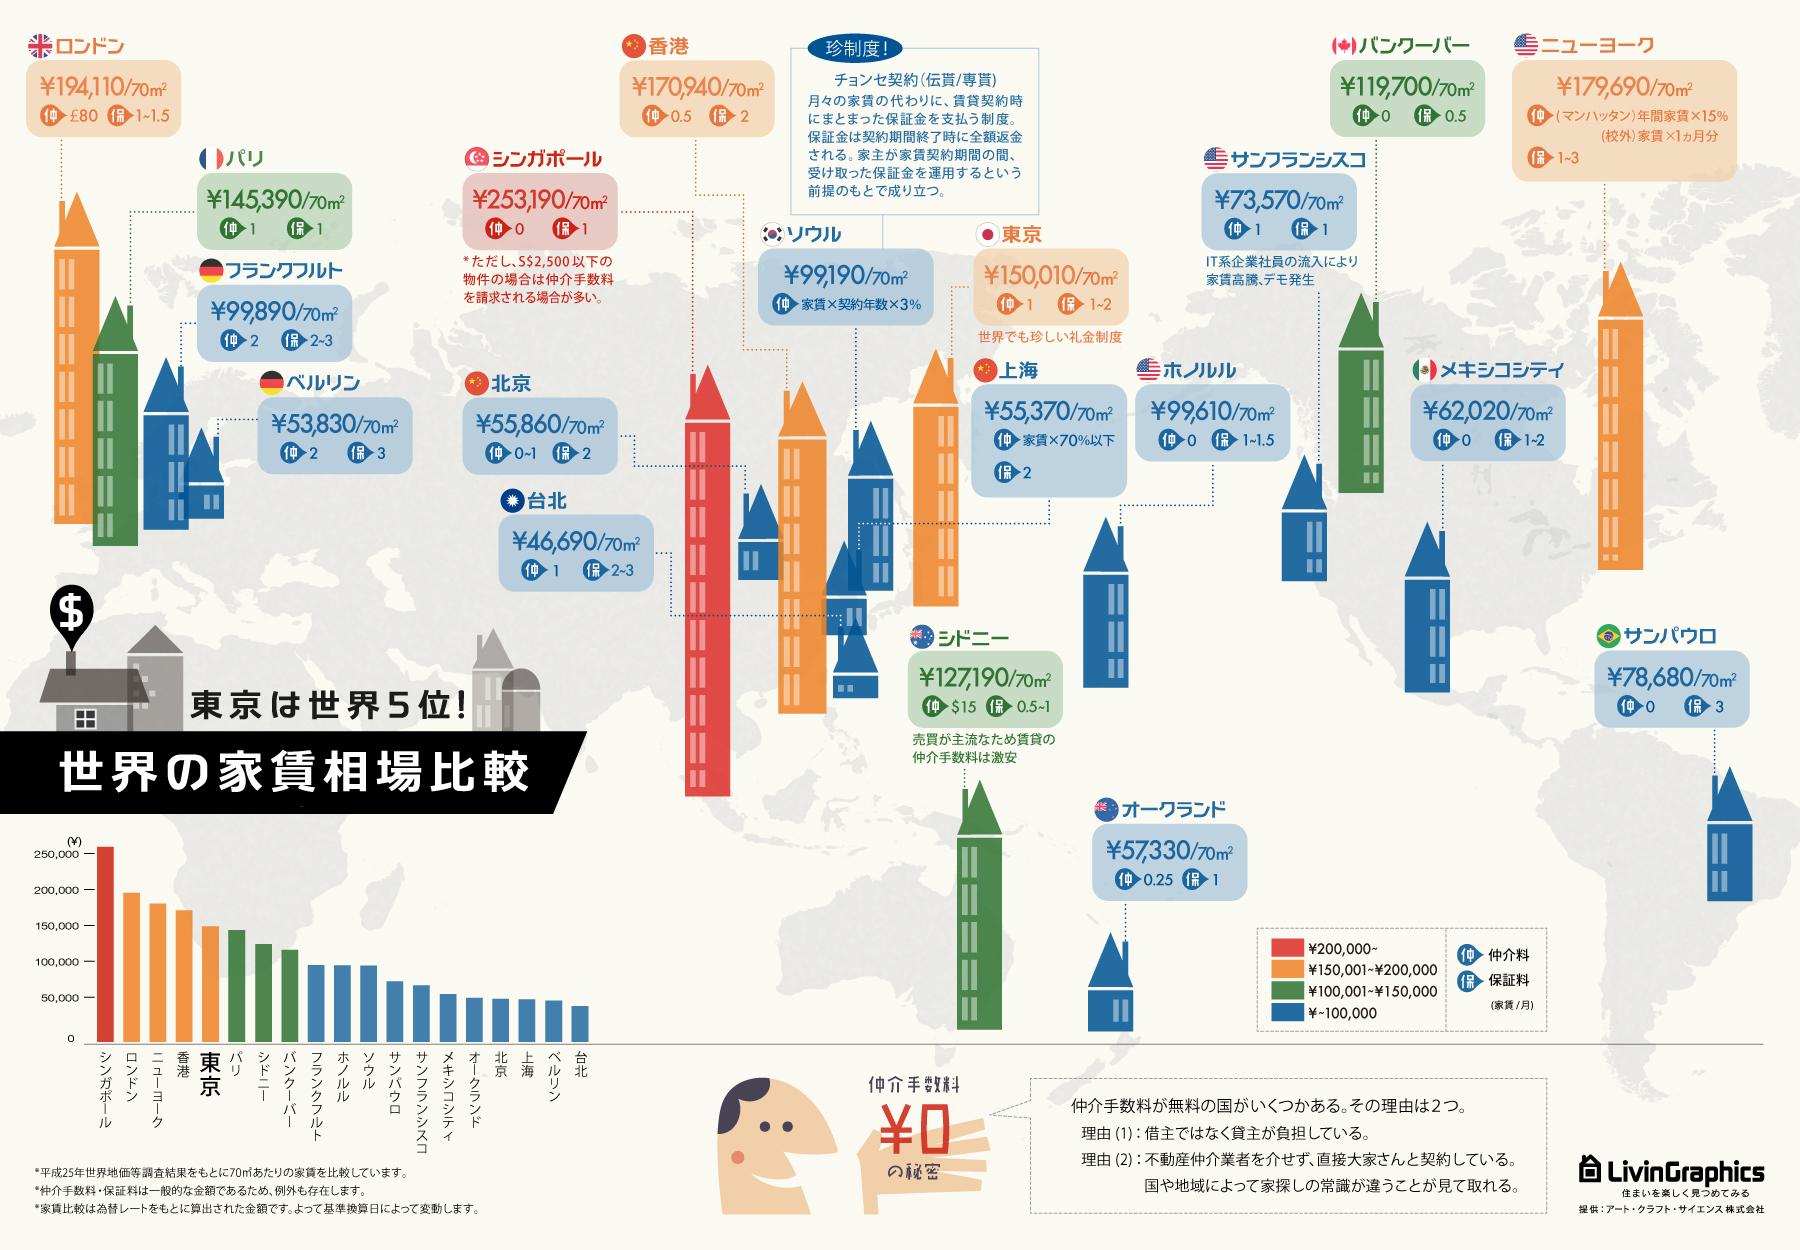 世界の家賃相場を比較したインフォグラフィック